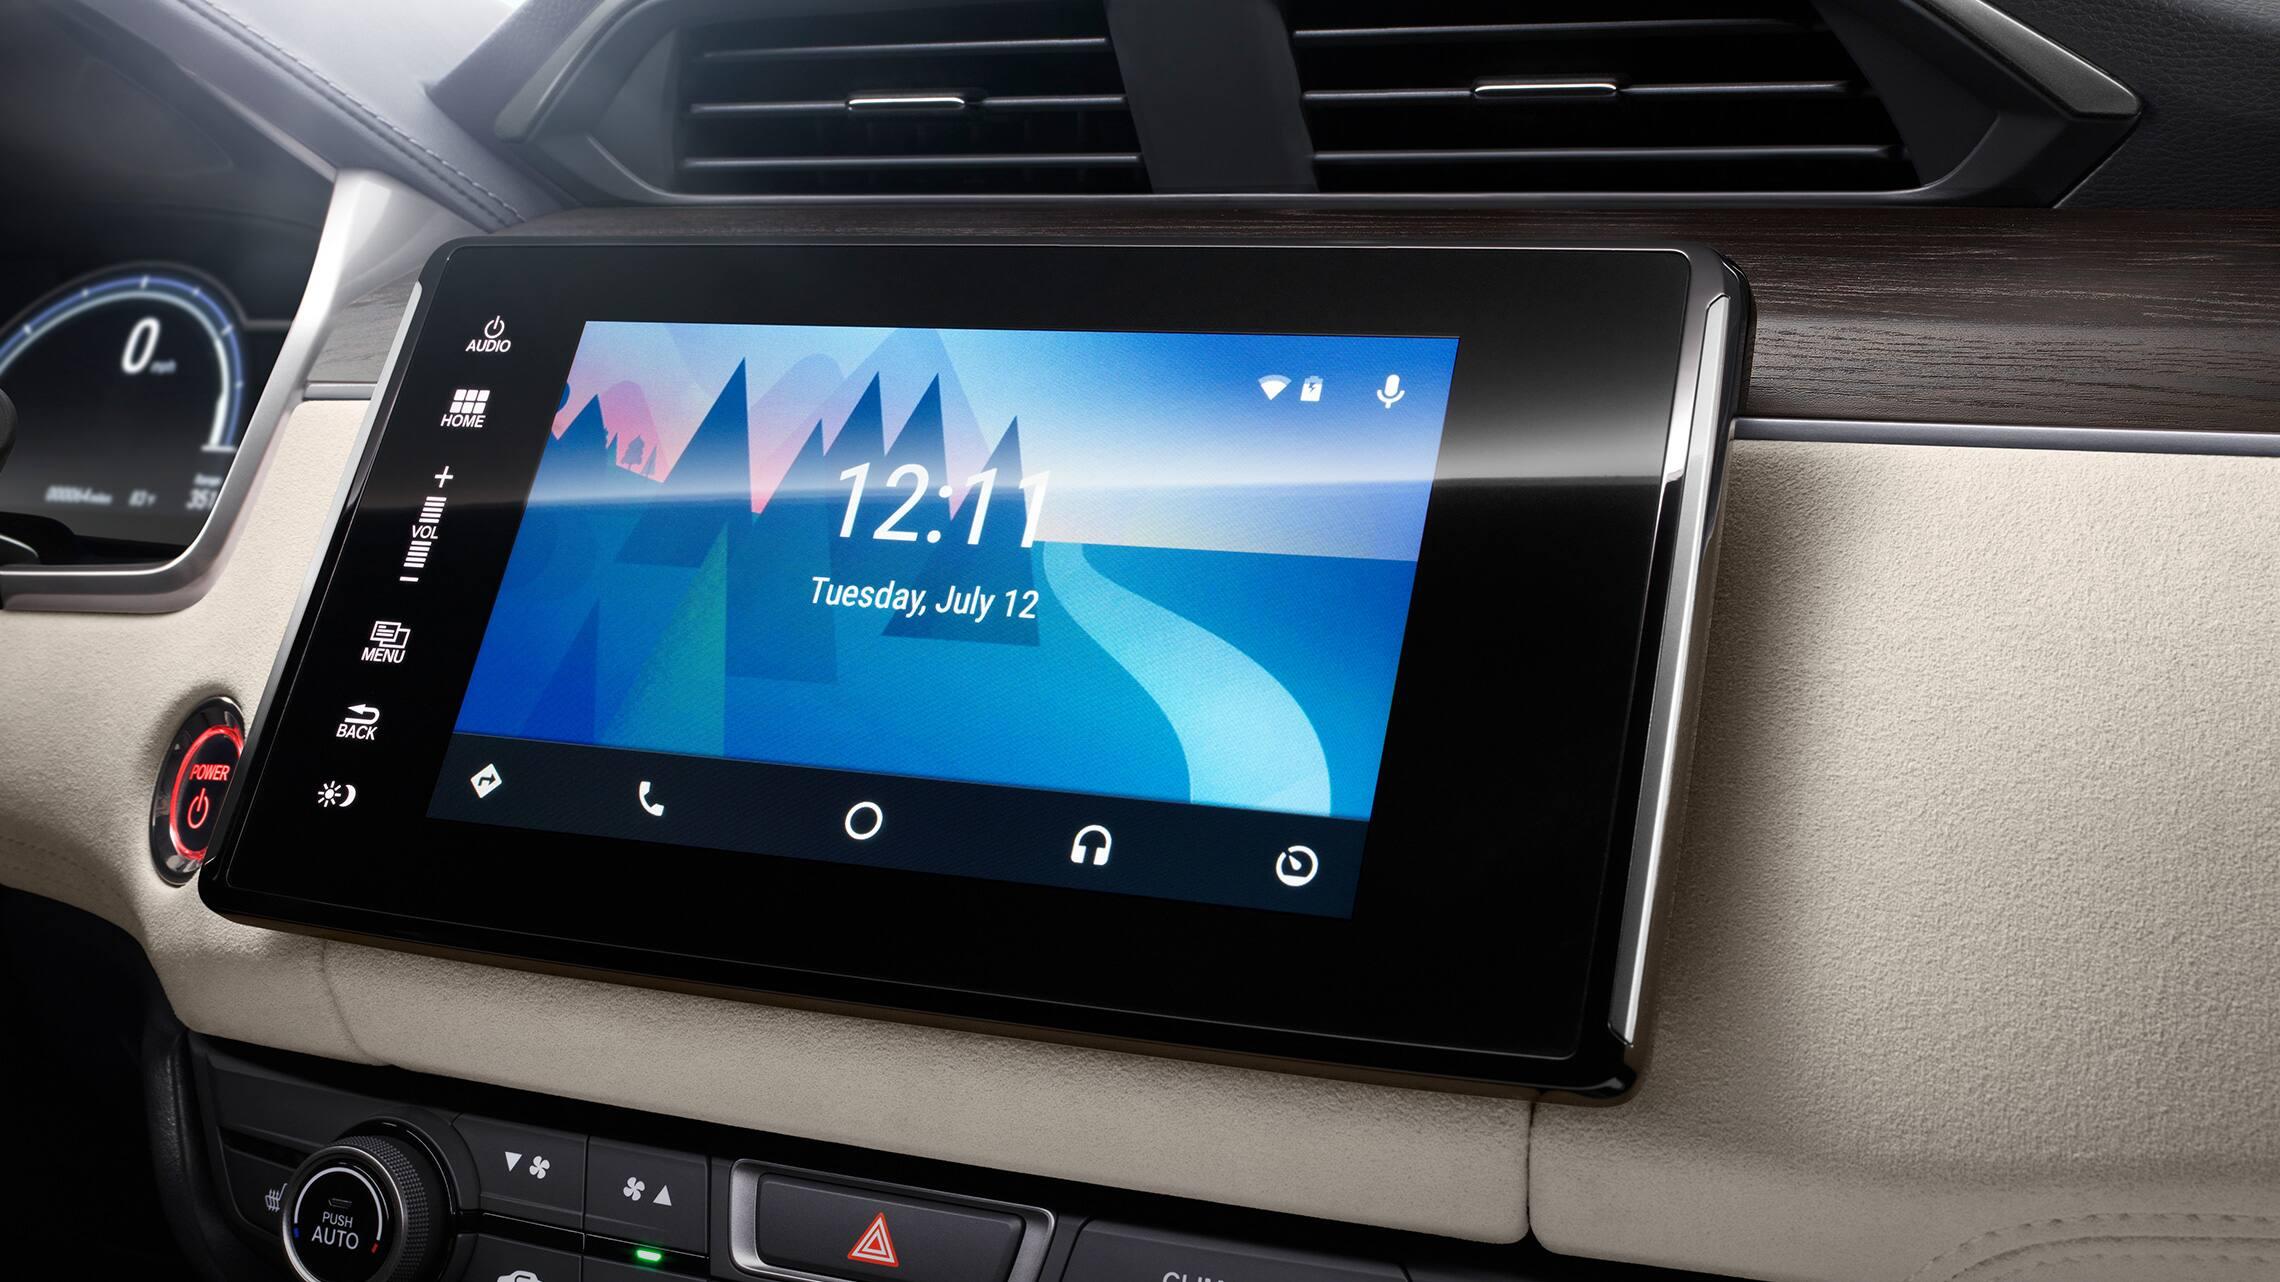 Integración con Android Auto™ en el sistema de audio en pantalla táctil de la Honda Ridgeline2021.